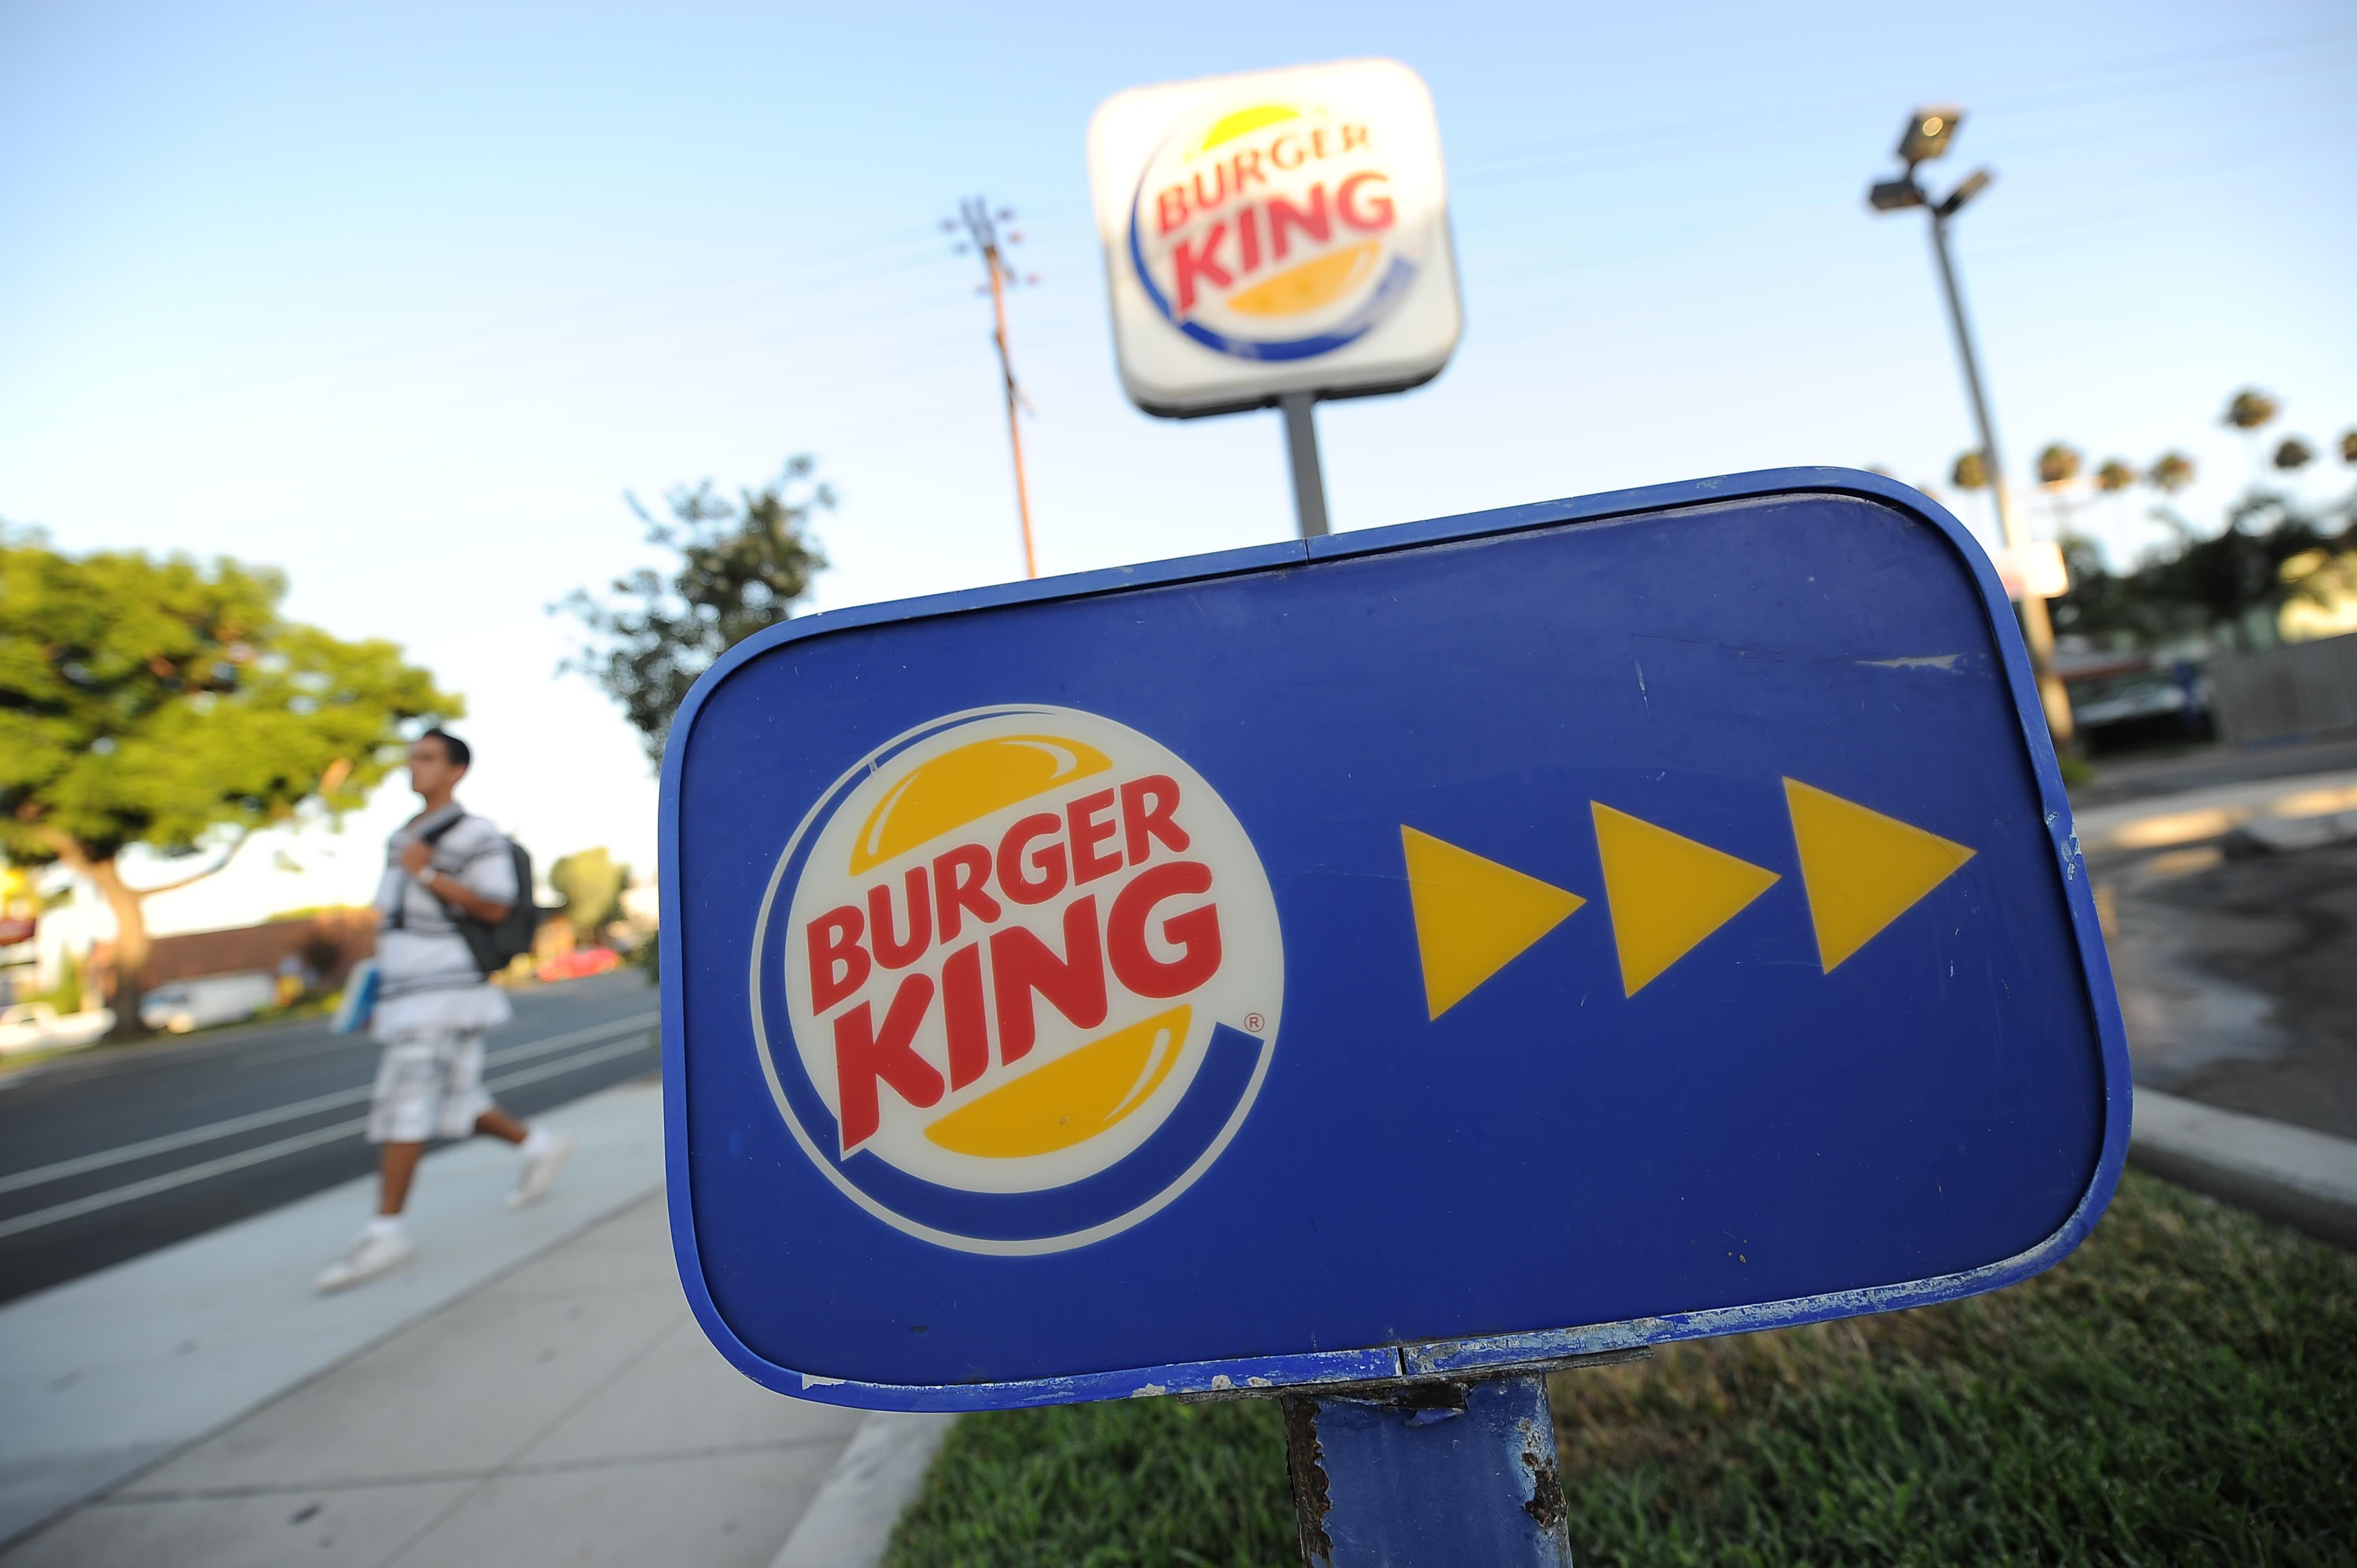 Le vendite negli stessi negozi di Burger King negli Stati Uniti sono basse quando tornano i clienti dei fast-food